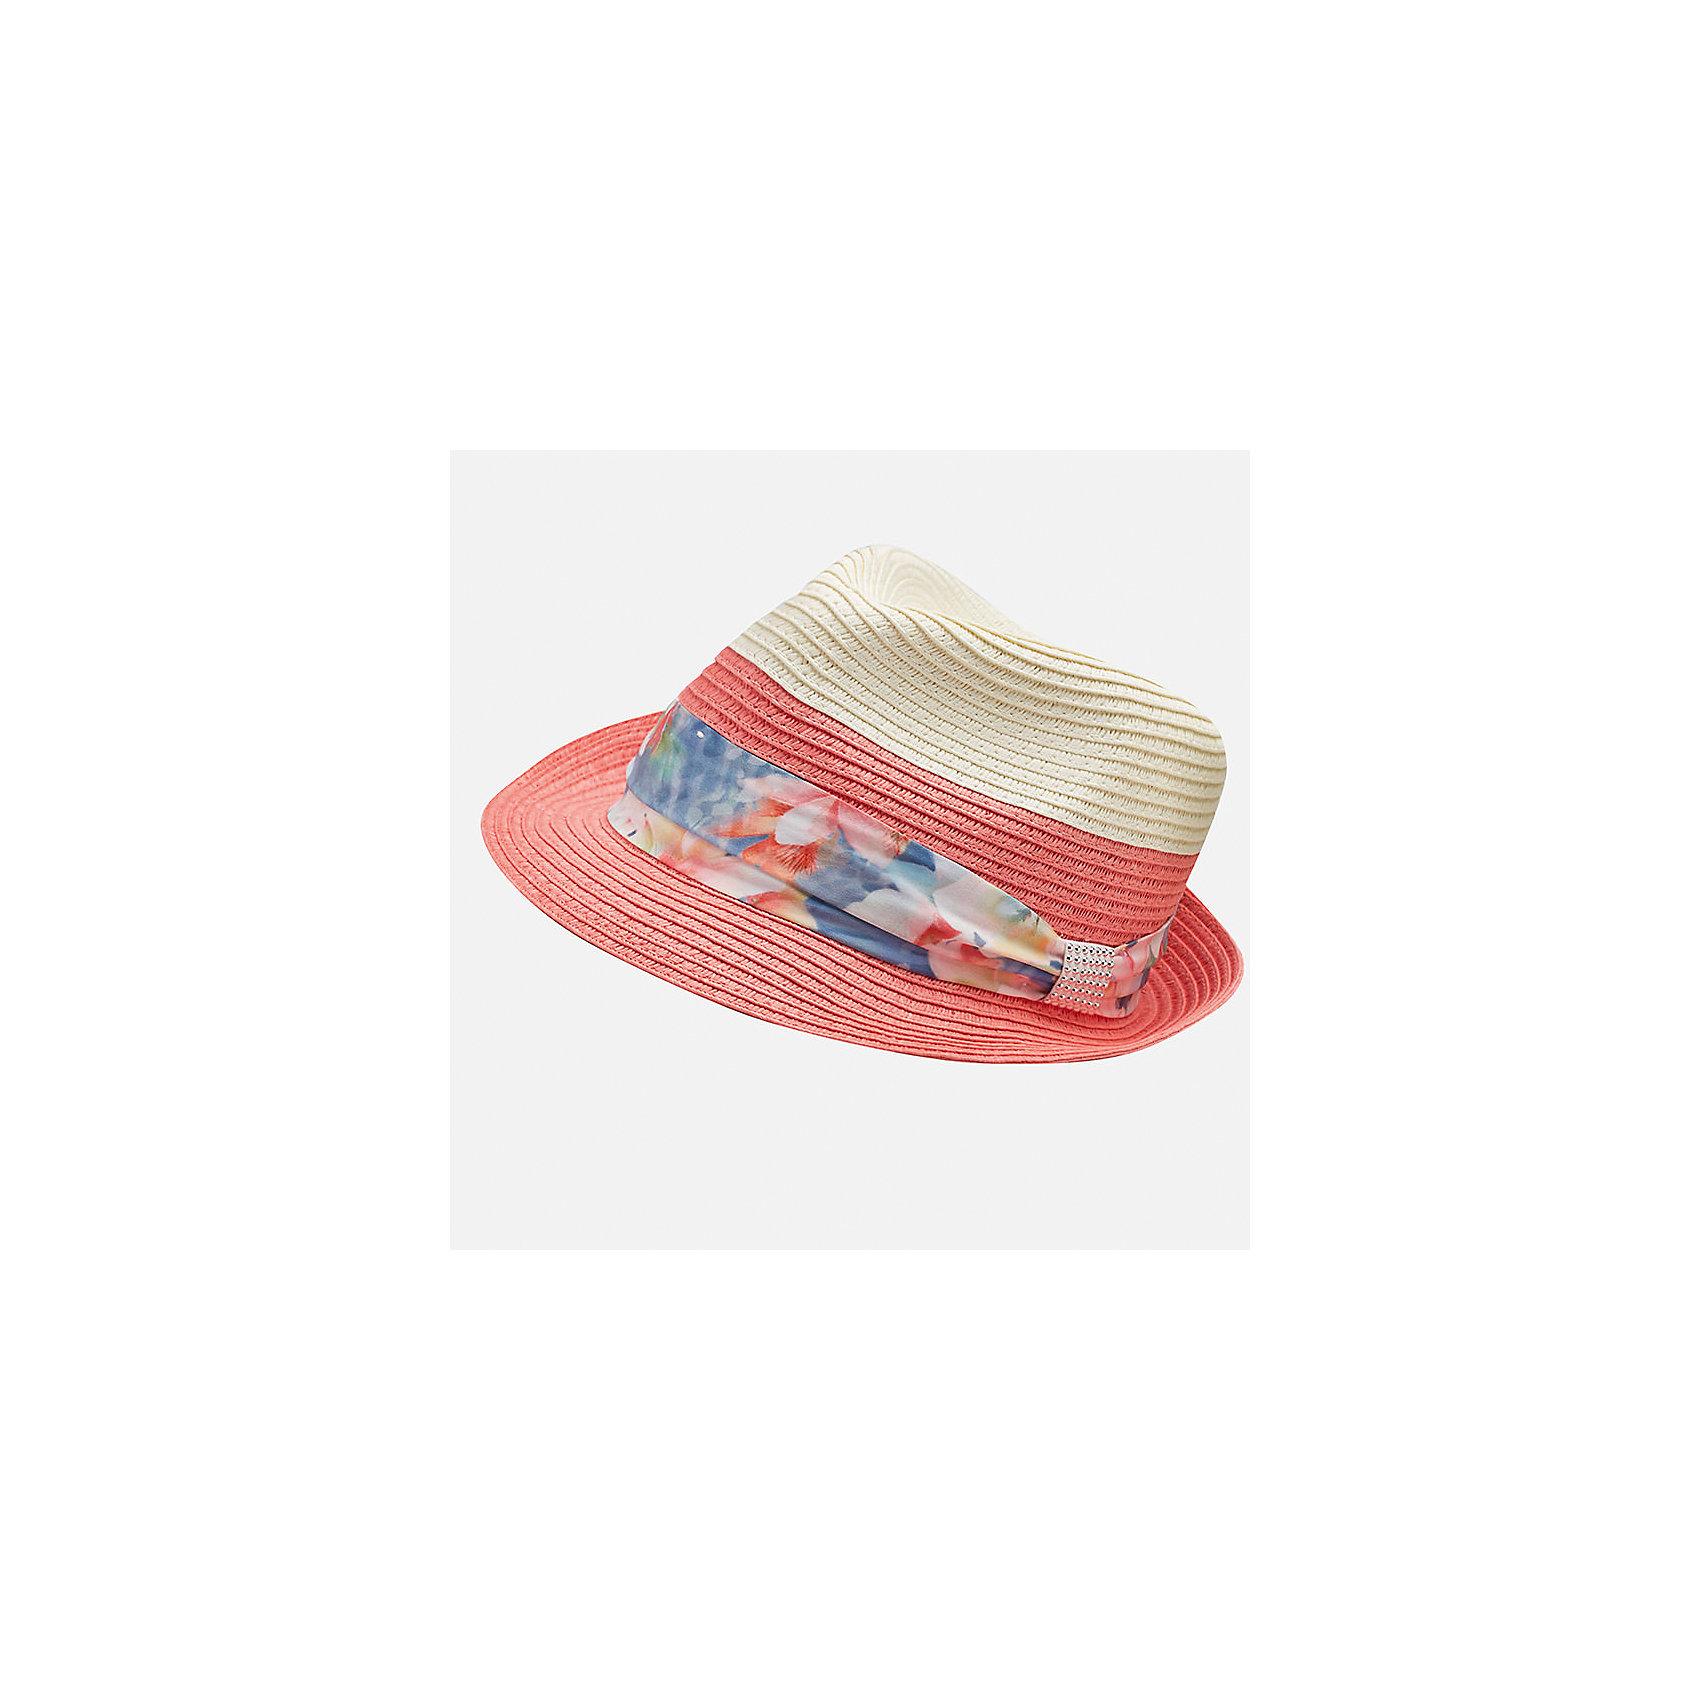 Шляпа для девочки MayoralЛетние<br>Характеристики товара:<br><br>• цвет: оранжевый/белый<br>• состав: 100% бумага<br>• двуцветная<br>• дышащая фактура<br>• декорирована лентой<br>• страна бренда: Испания<br><br>Красивая легкая шляпа для девочки поможет обеспечить ребенку защиту от солнца и дополнить наряд. Универсальный цвет позволяет надевать её под наряды различных расцветок. Шляпа удобно сидит и красиво смотрится. <br><br>Одежда, обувь и аксессуары от испанского бренда Mayoral полюбились детям и взрослым по всему миру. Модели этой марки - стильные и удобные. Для их производства используются только безопасные, качественные материалы и фурнитура. Порадуйте ребенка модными и красивыми вещами от Mayoral! <br><br>Шляпу для девочки от испанского бренда Mayoral (Майорал) можно купить в нашем интернет-магазине.<br><br>Ширина мм: 89<br>Глубина мм: 117<br>Высота мм: 44<br>Вес г: 155<br>Цвет: розовый<br>Возраст от месяцев: 72<br>Возраст до месяцев: 84<br>Пол: Женский<br>Возраст: Детский<br>Размер: 54,56,58<br>SKU: 5293566